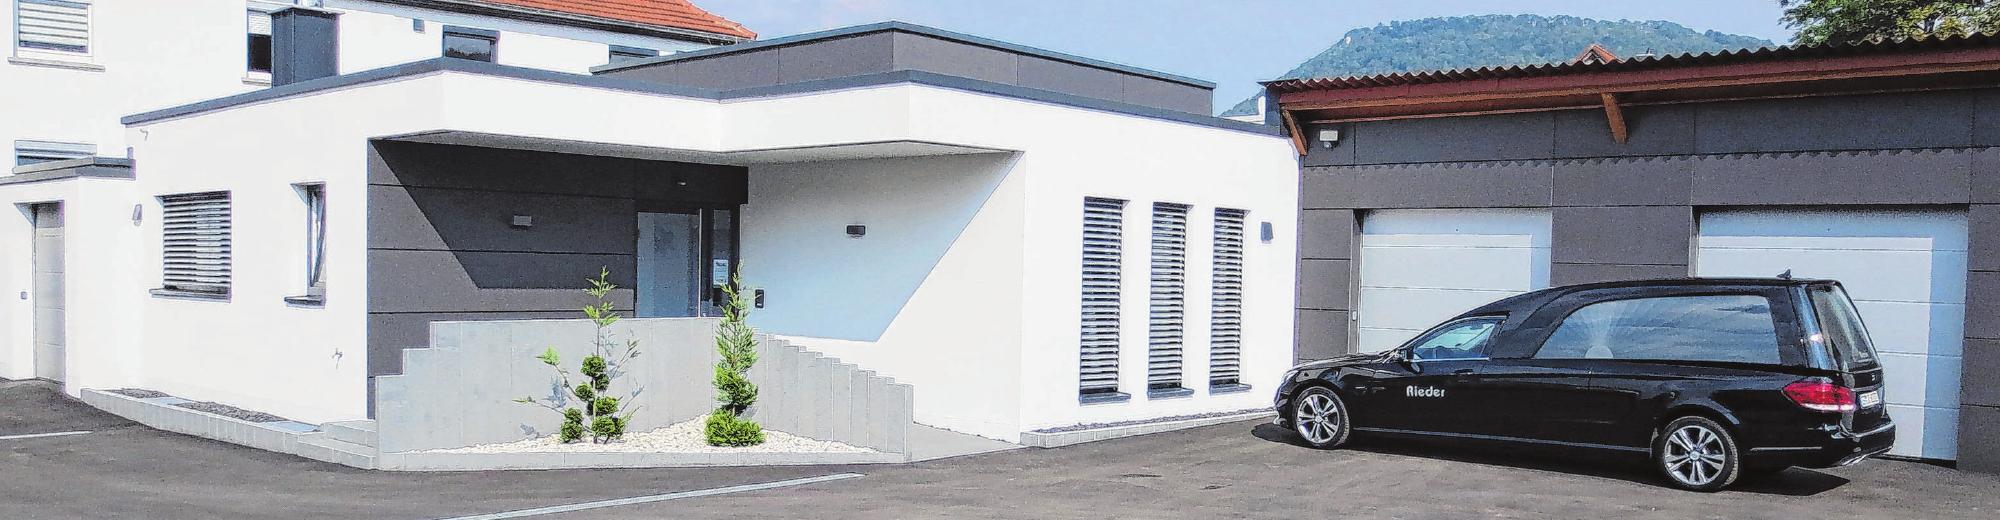 Der Neubau des Bestattungsunternehmens Rieder ermöglicht einen Rundum-Service unter einem Dach.